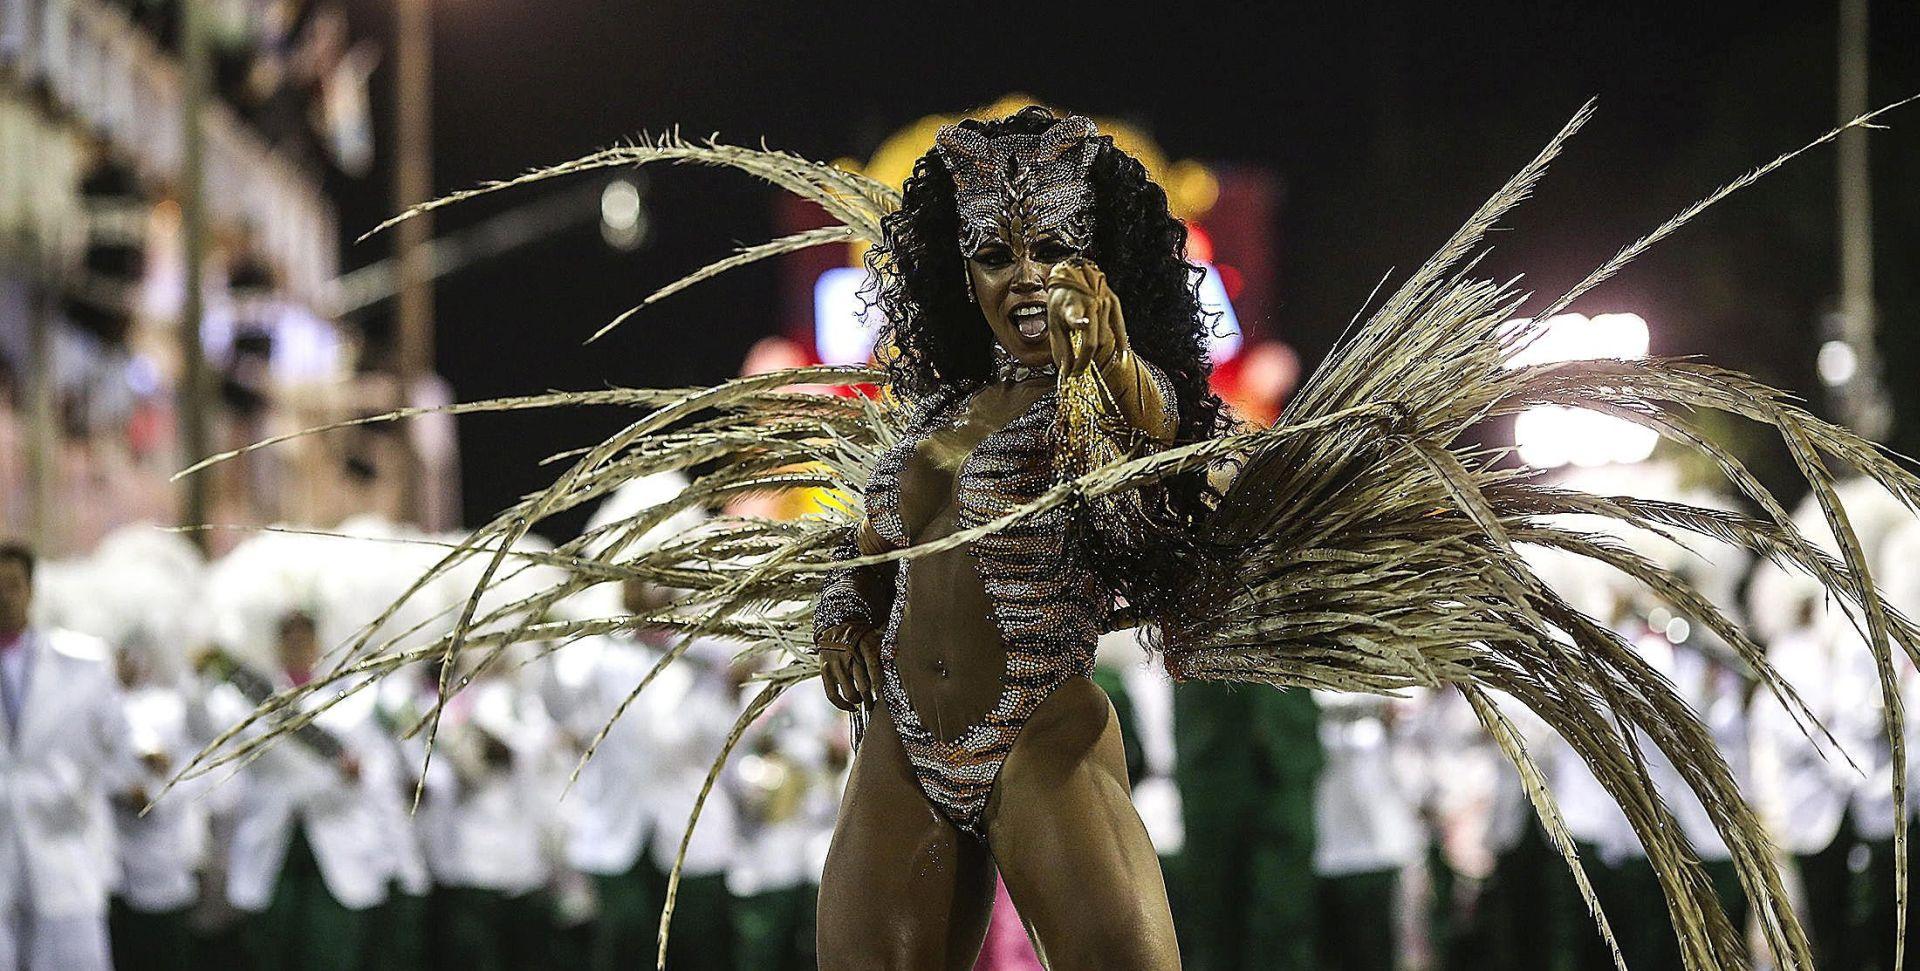 Počinje karneval u Brazilu, unatoč recesiji i sigurnosnim problemima